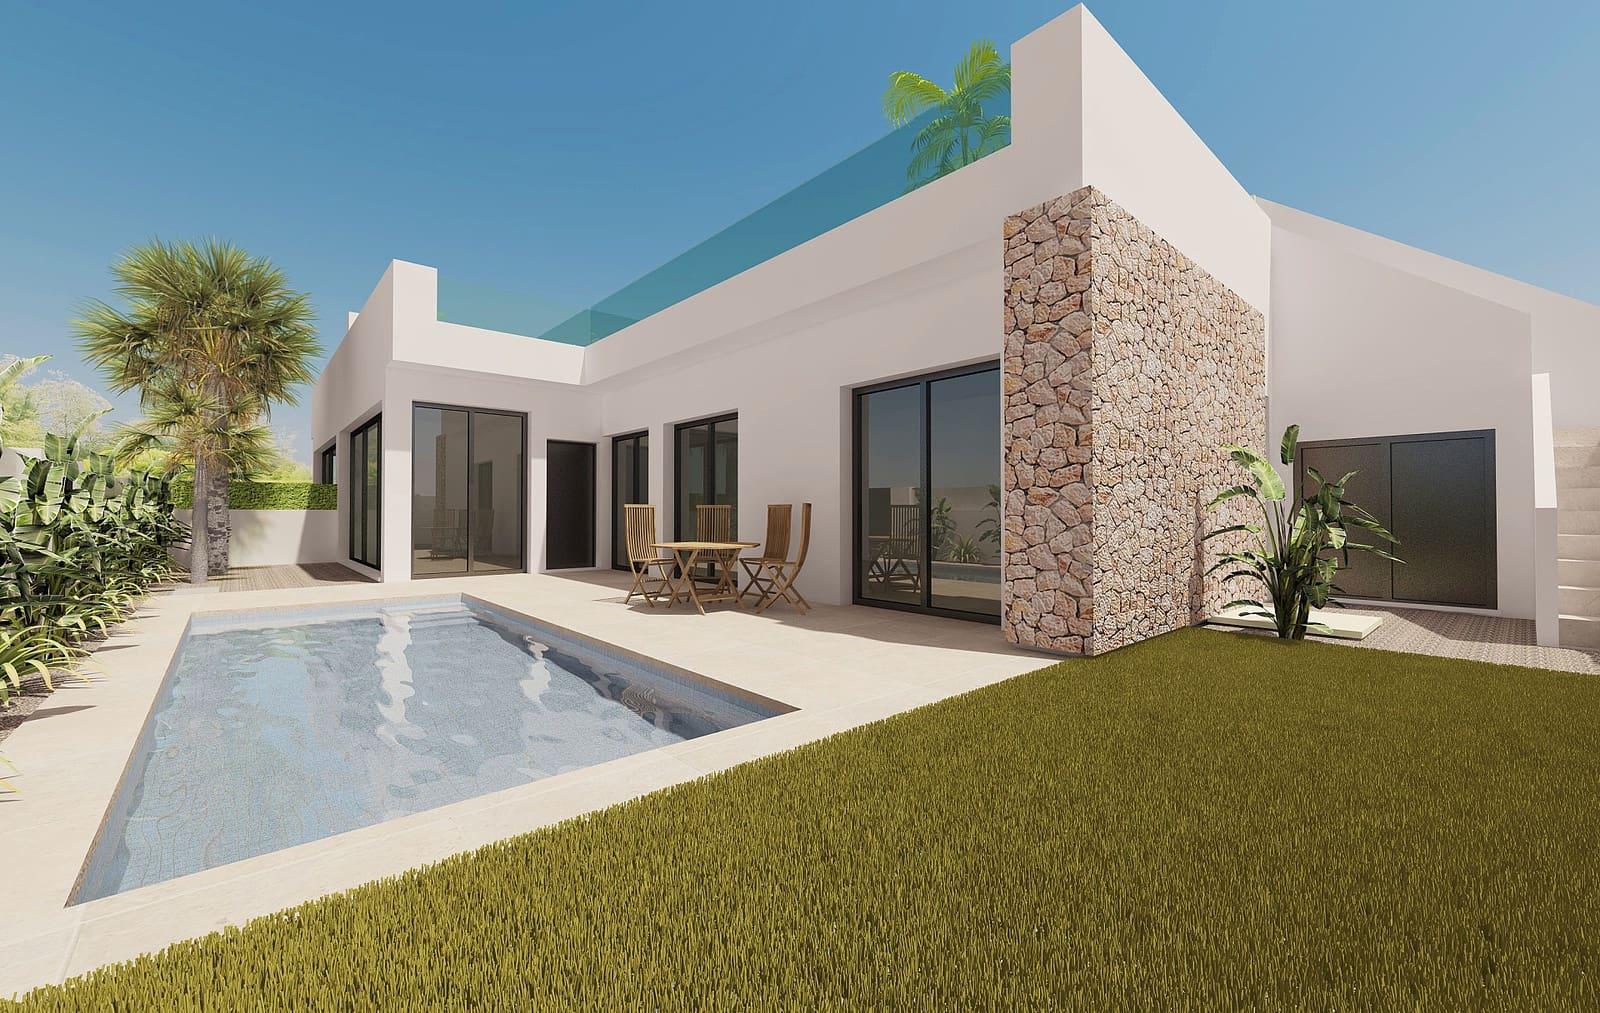 Chalet de 3 habitaciones en Pilar de la Horadada en venta - 239.900 € (Ref: 4989158)